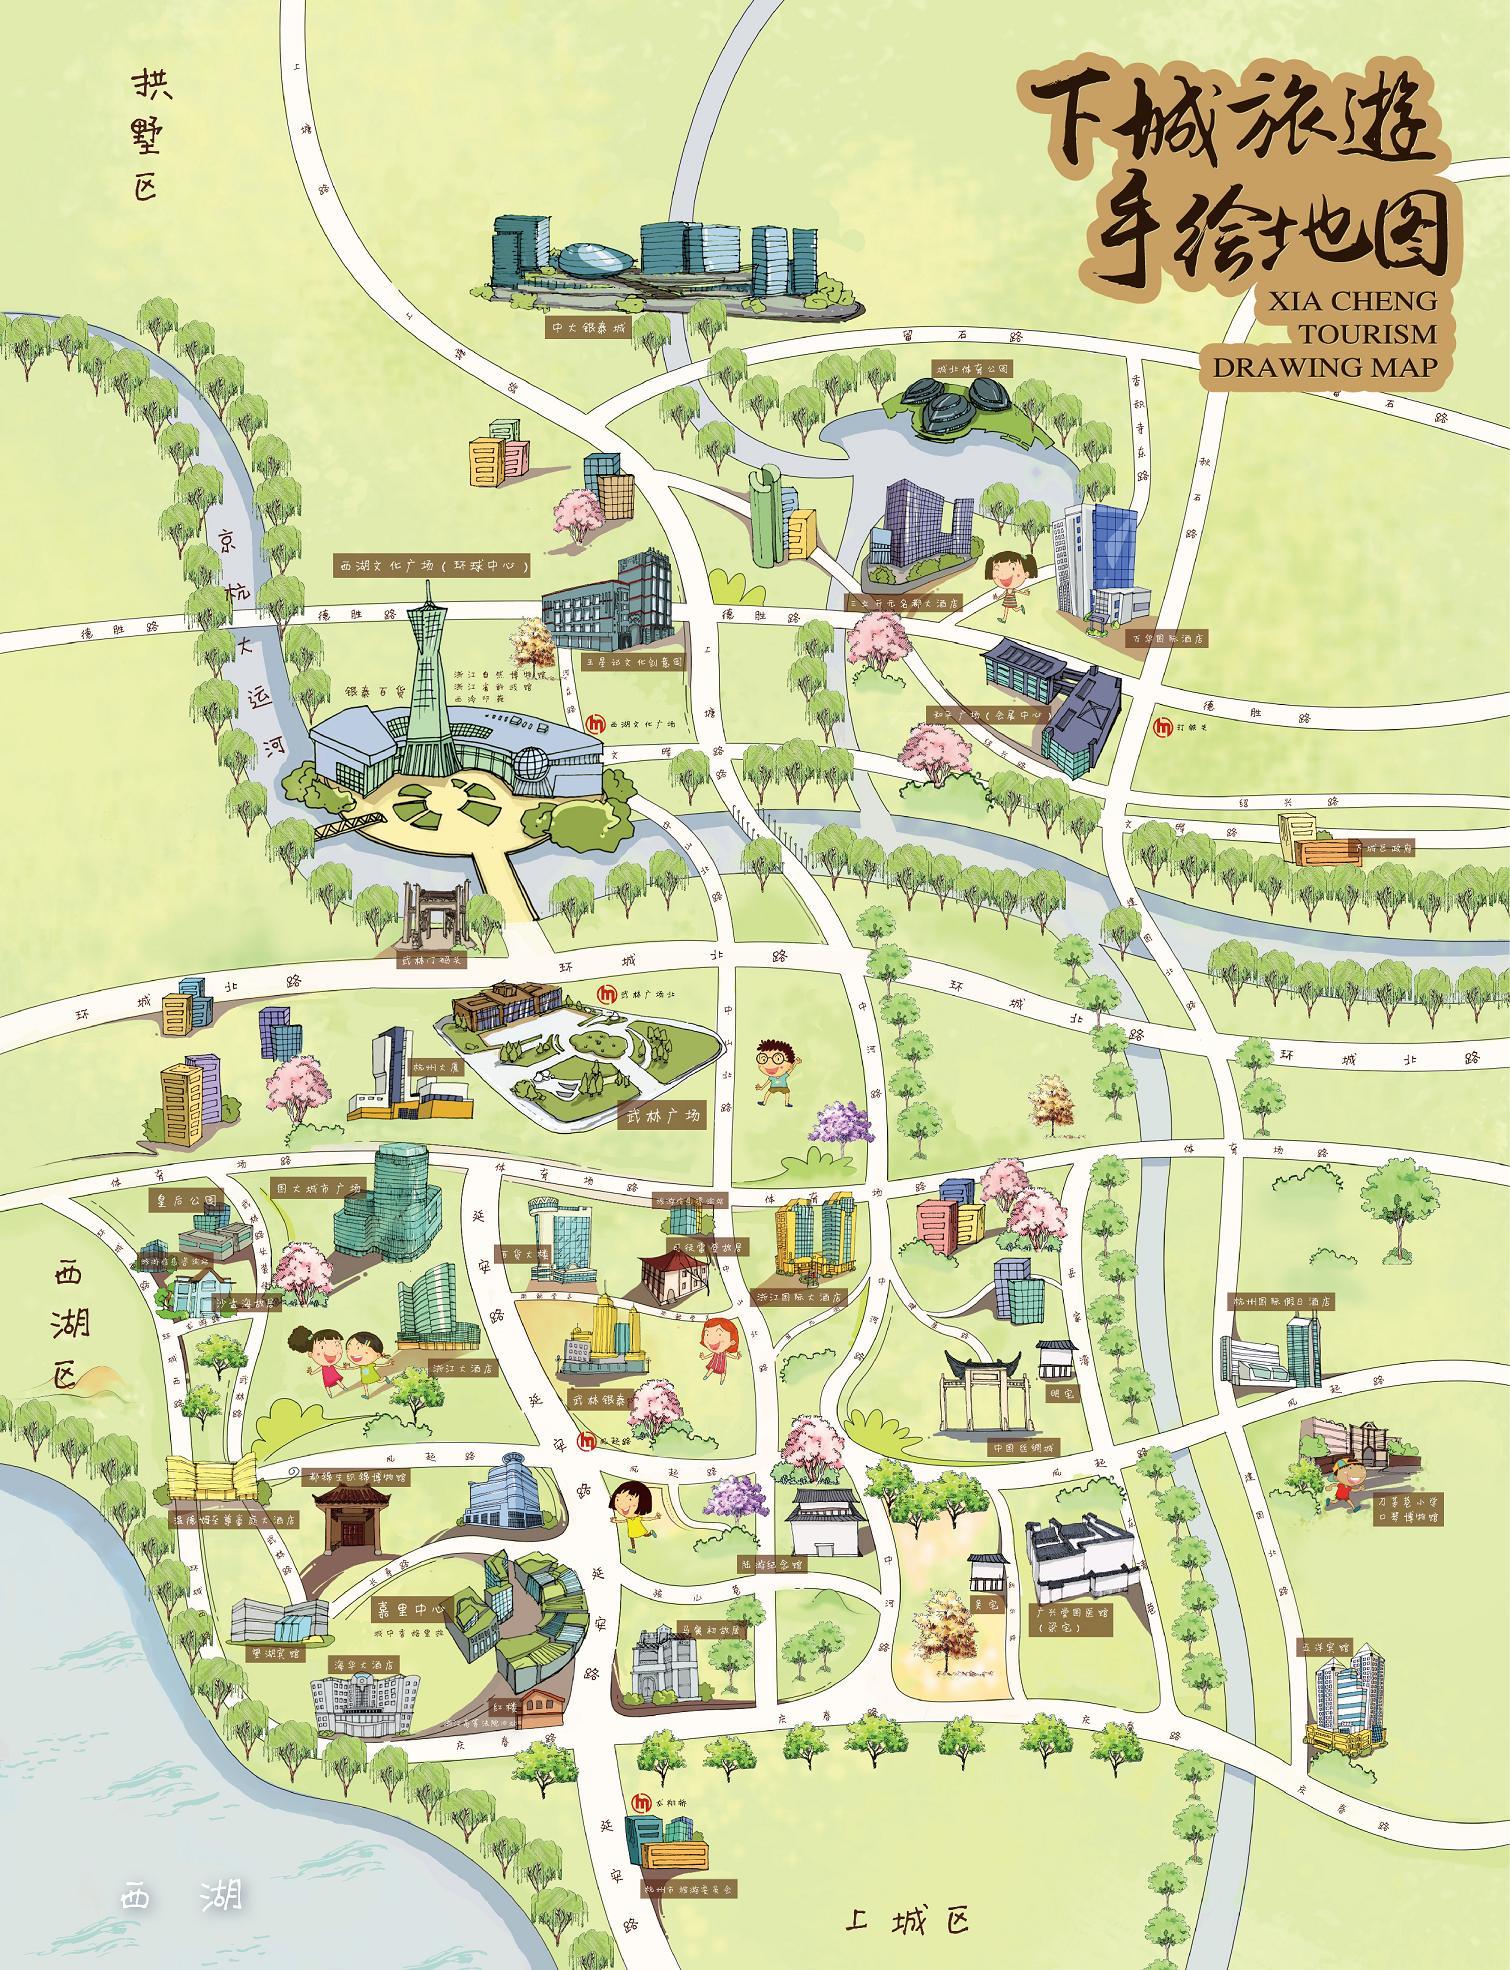 下城旅游手绘地图 _杭州向世界问好